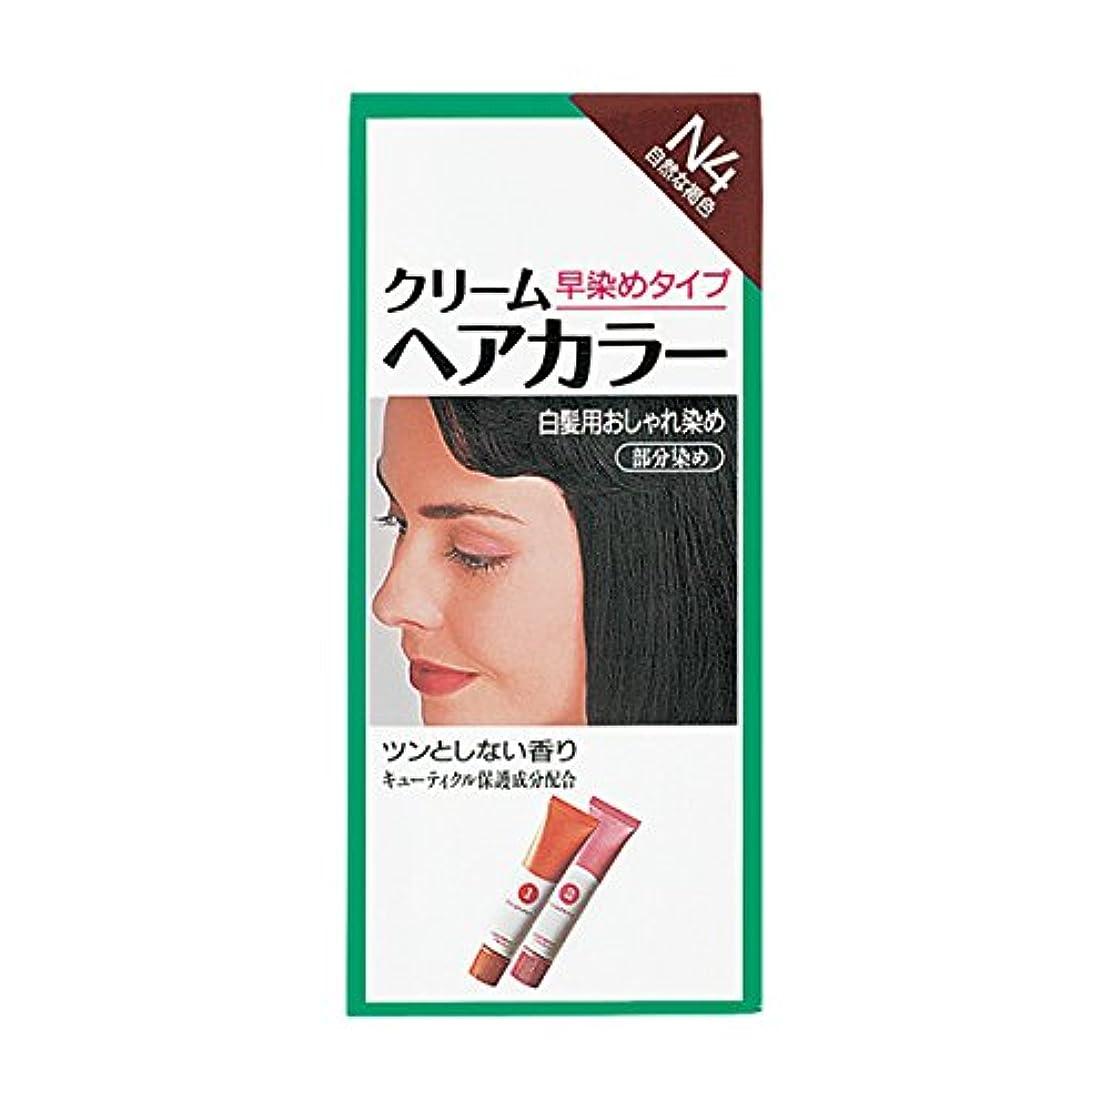 暴露リマークセンチメートルヘアカラー クリームヘアカラーN N4 【医薬部外品】